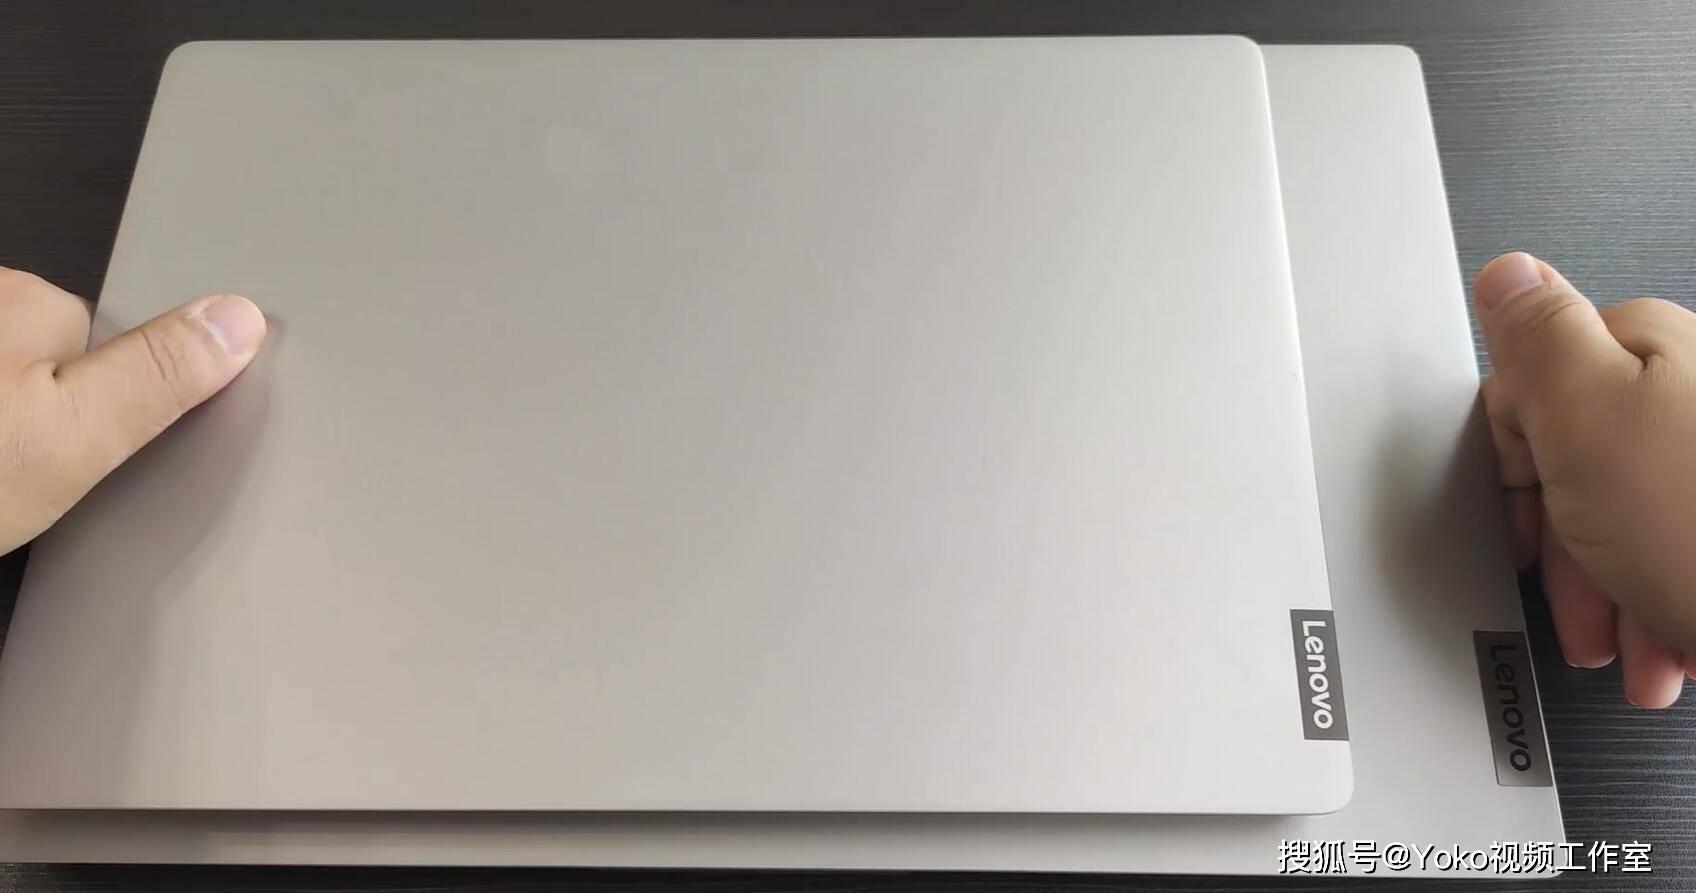 原創             2021年,哪六種筆記本電腦,不值得